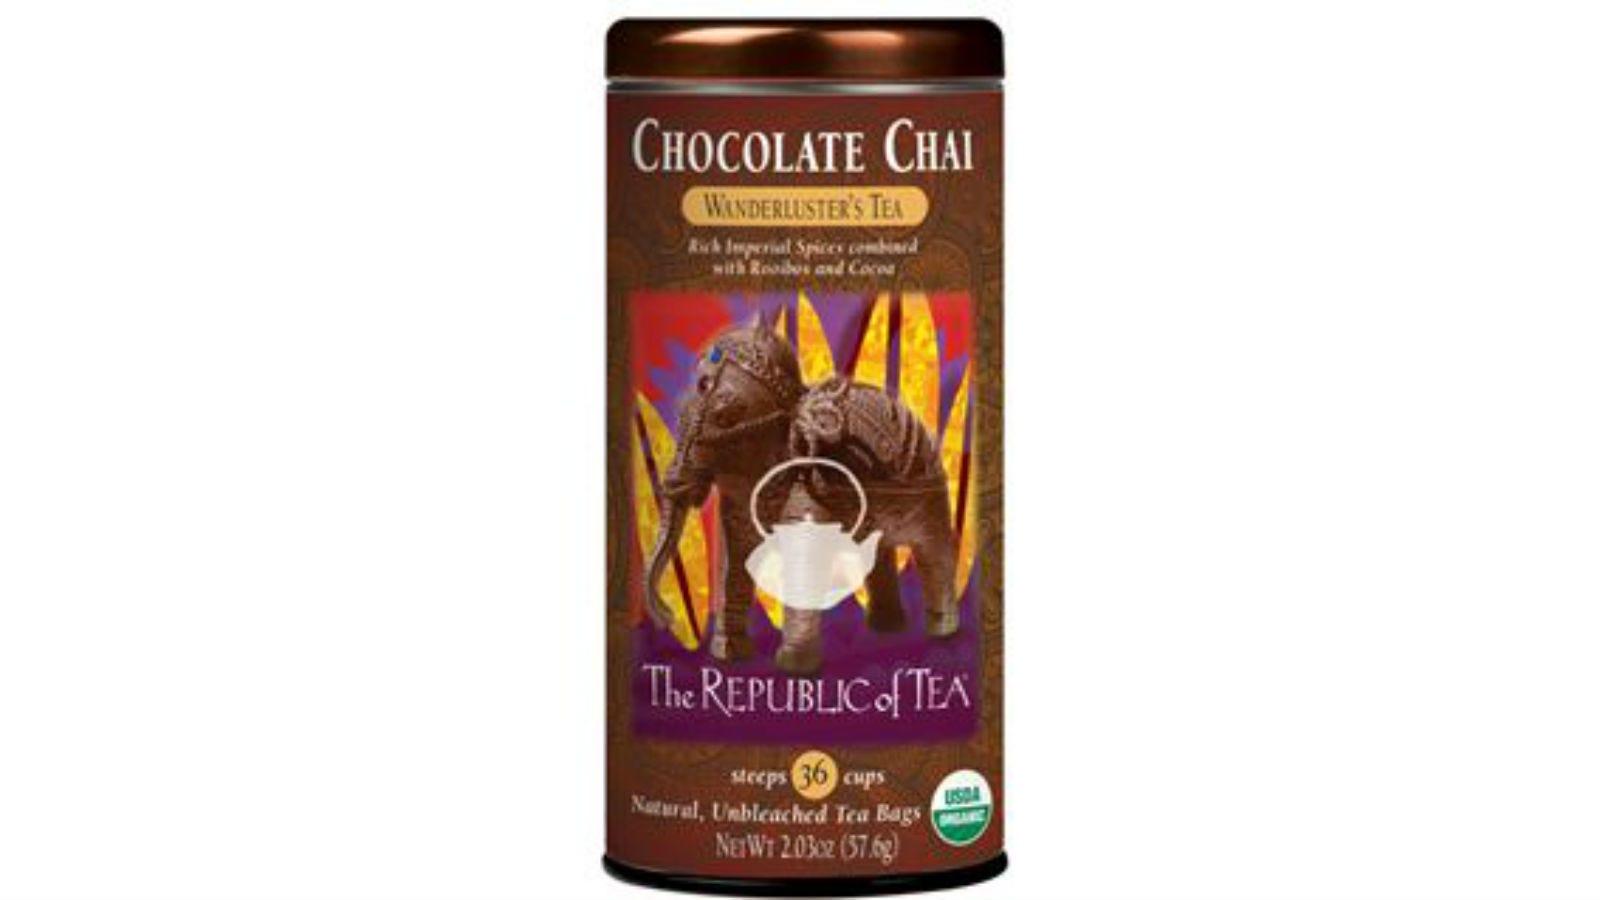 A tin of The Republic of Tea Chocolate Chai Tea.